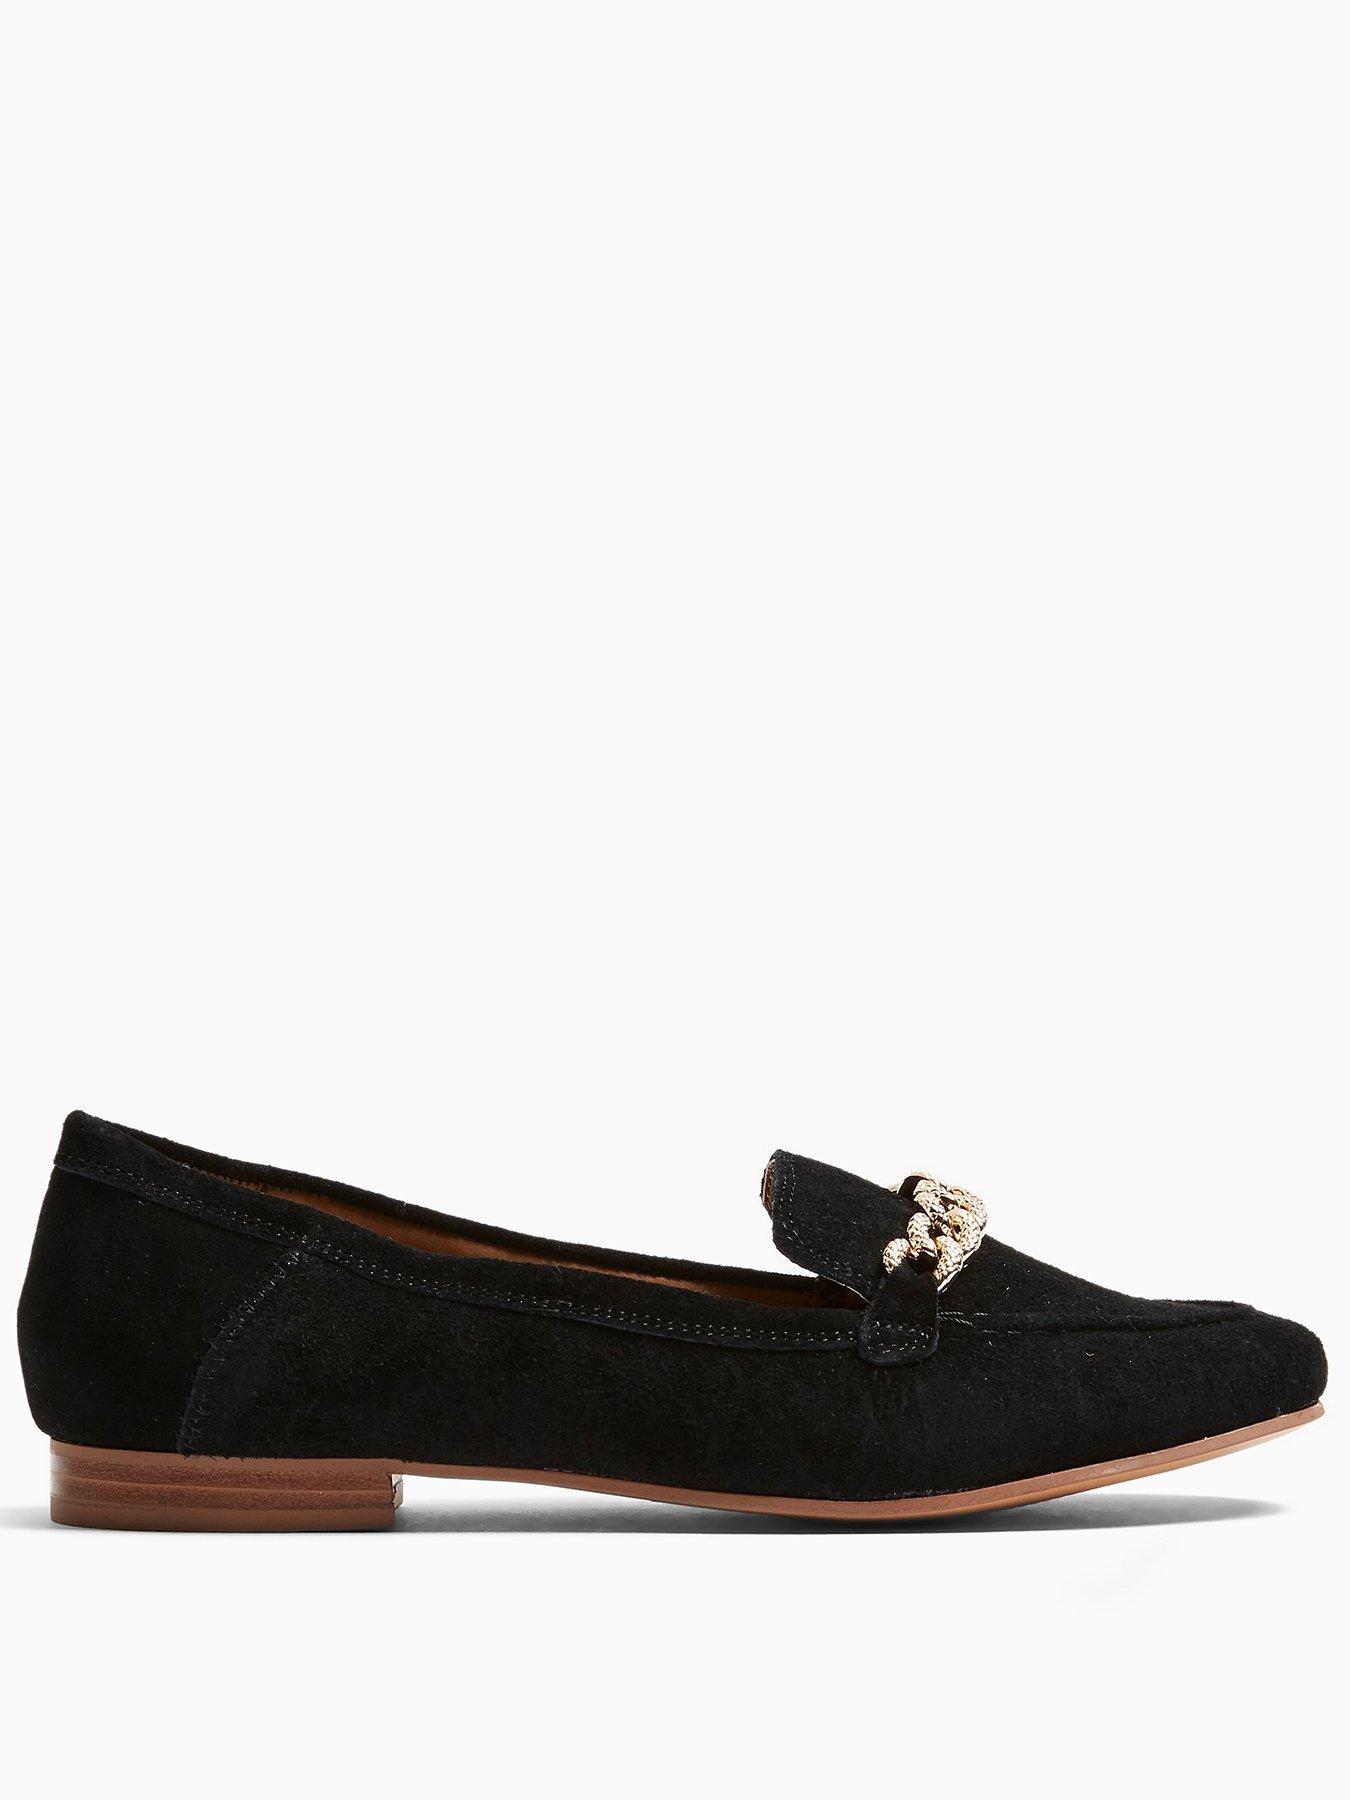 Topshop | Flats | Shoes \u0026 boots | Women